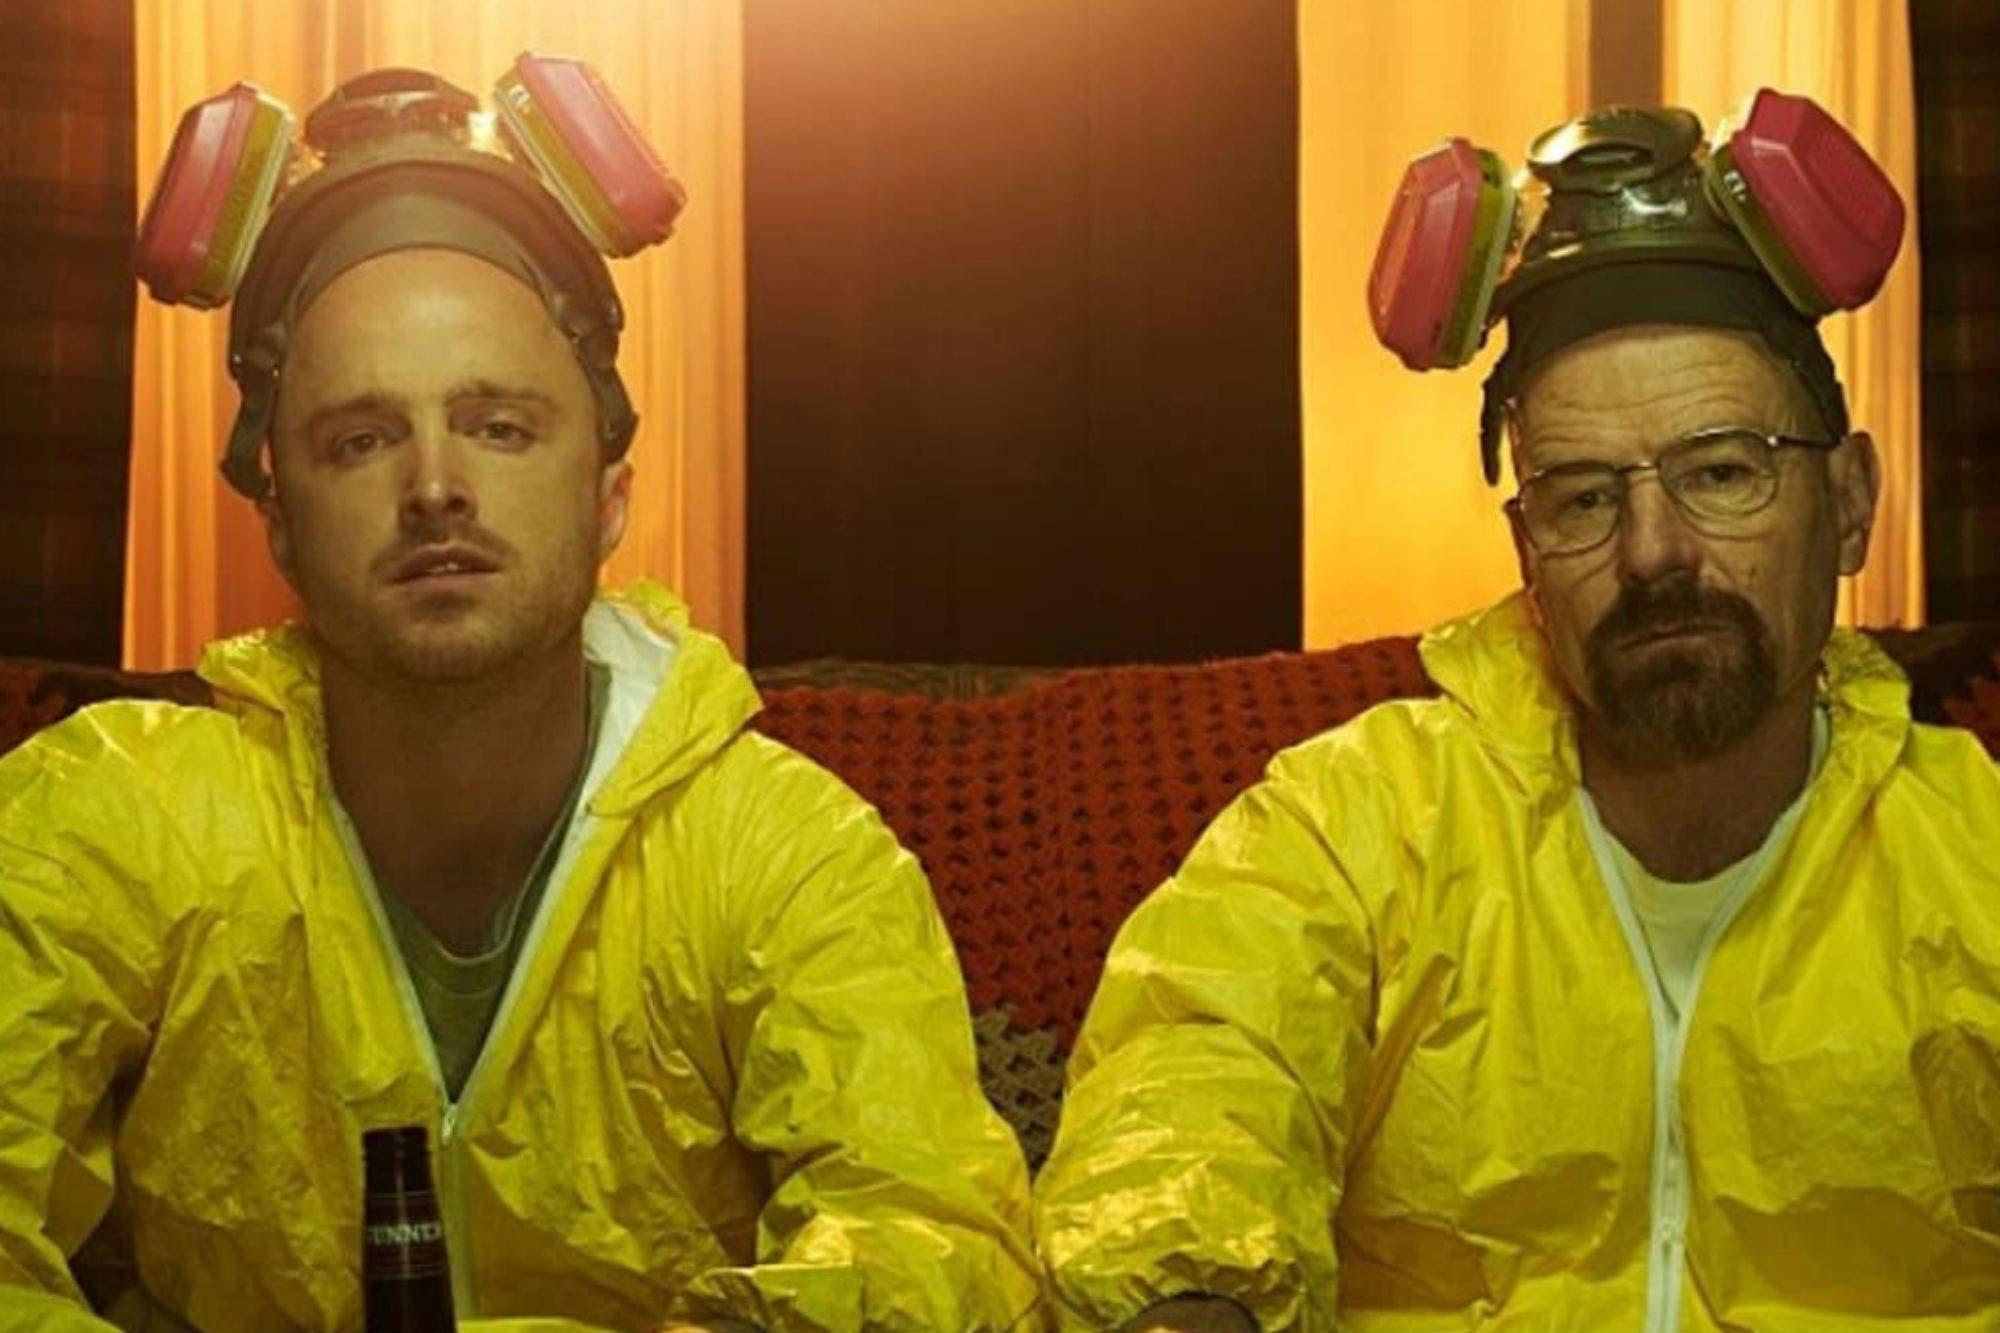 El creador de Better Call Saul habló sobre los rumores de regreso de Walter White y Jesse Pinkman